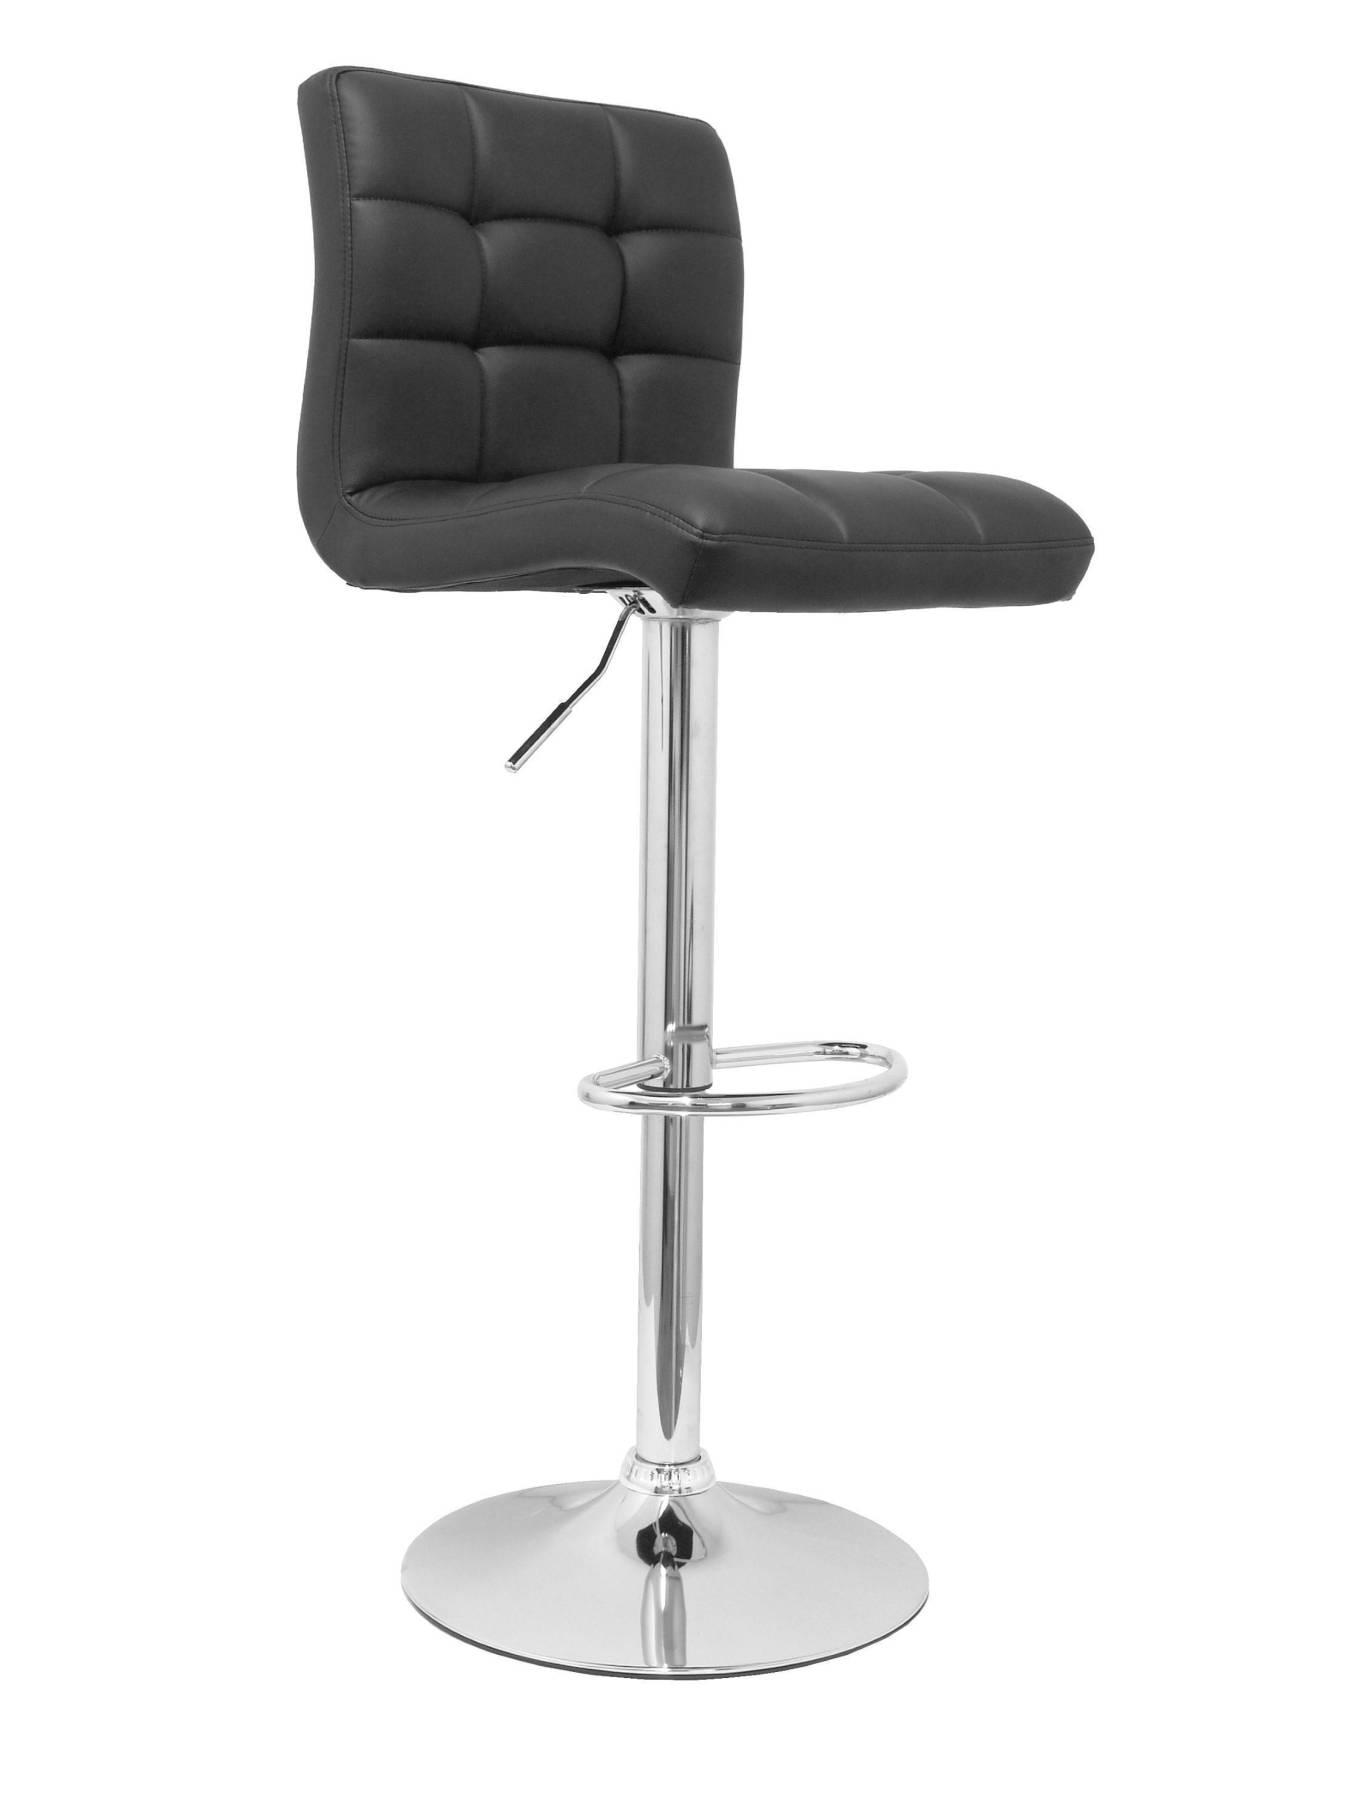 حزمة 2 حانة مقاعد للبار ، قطب وعكس الضوء في ارتفاع عال باستخدام أسطوانة غاز (تشمل أوتاد القدم هوب كروم)-